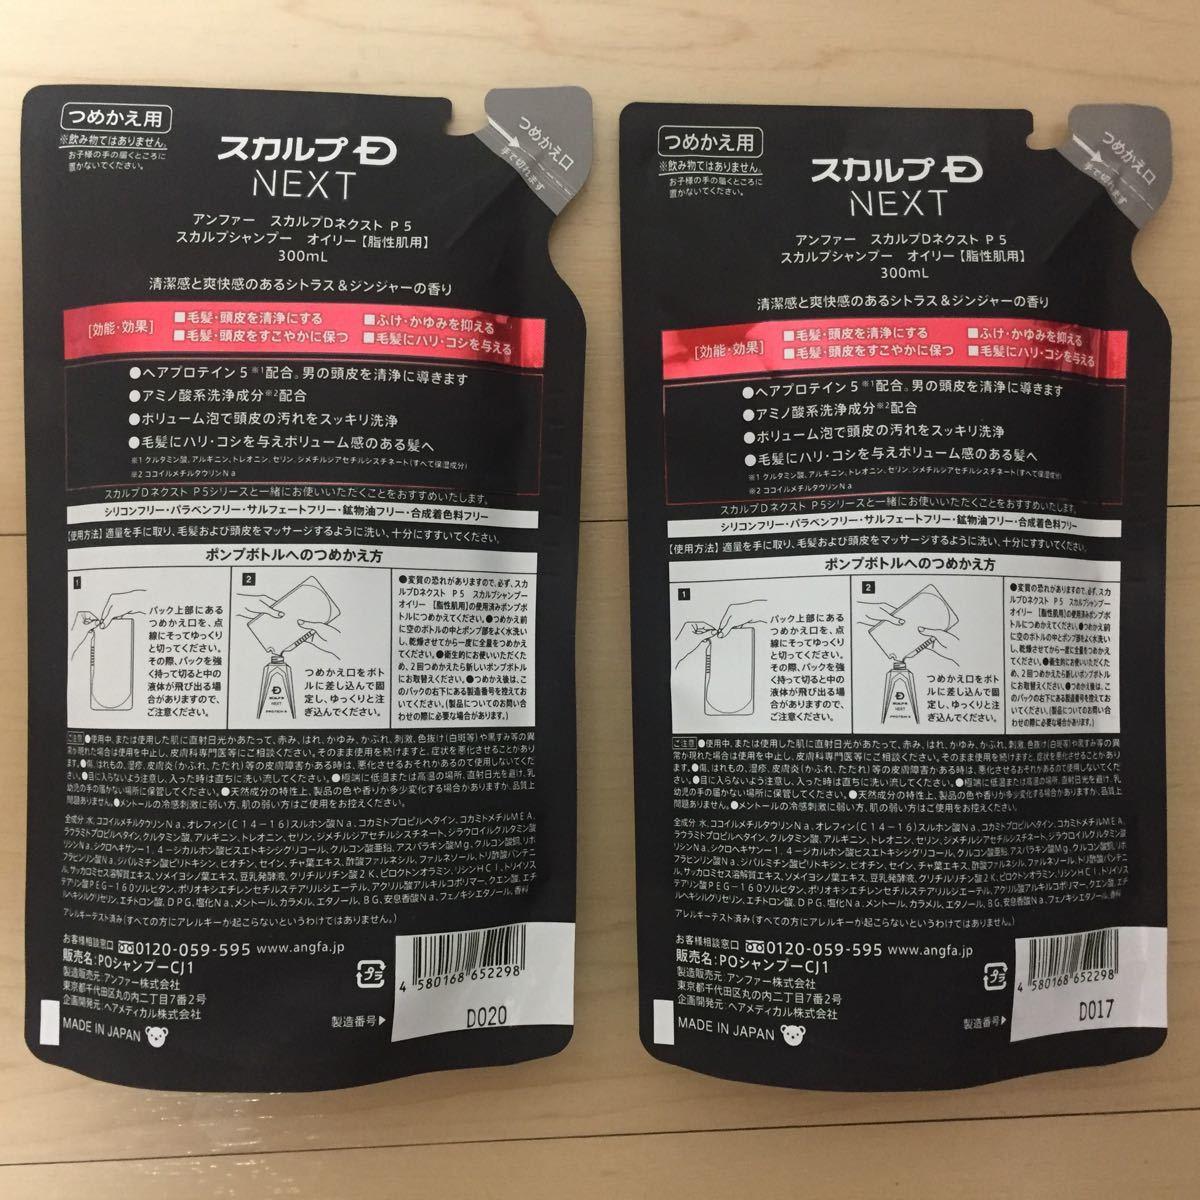 スカルプD ネクスト プロテイン5 スカルプシャンプー オイリー(脂性肌用)詰め替え 300ml×2袋